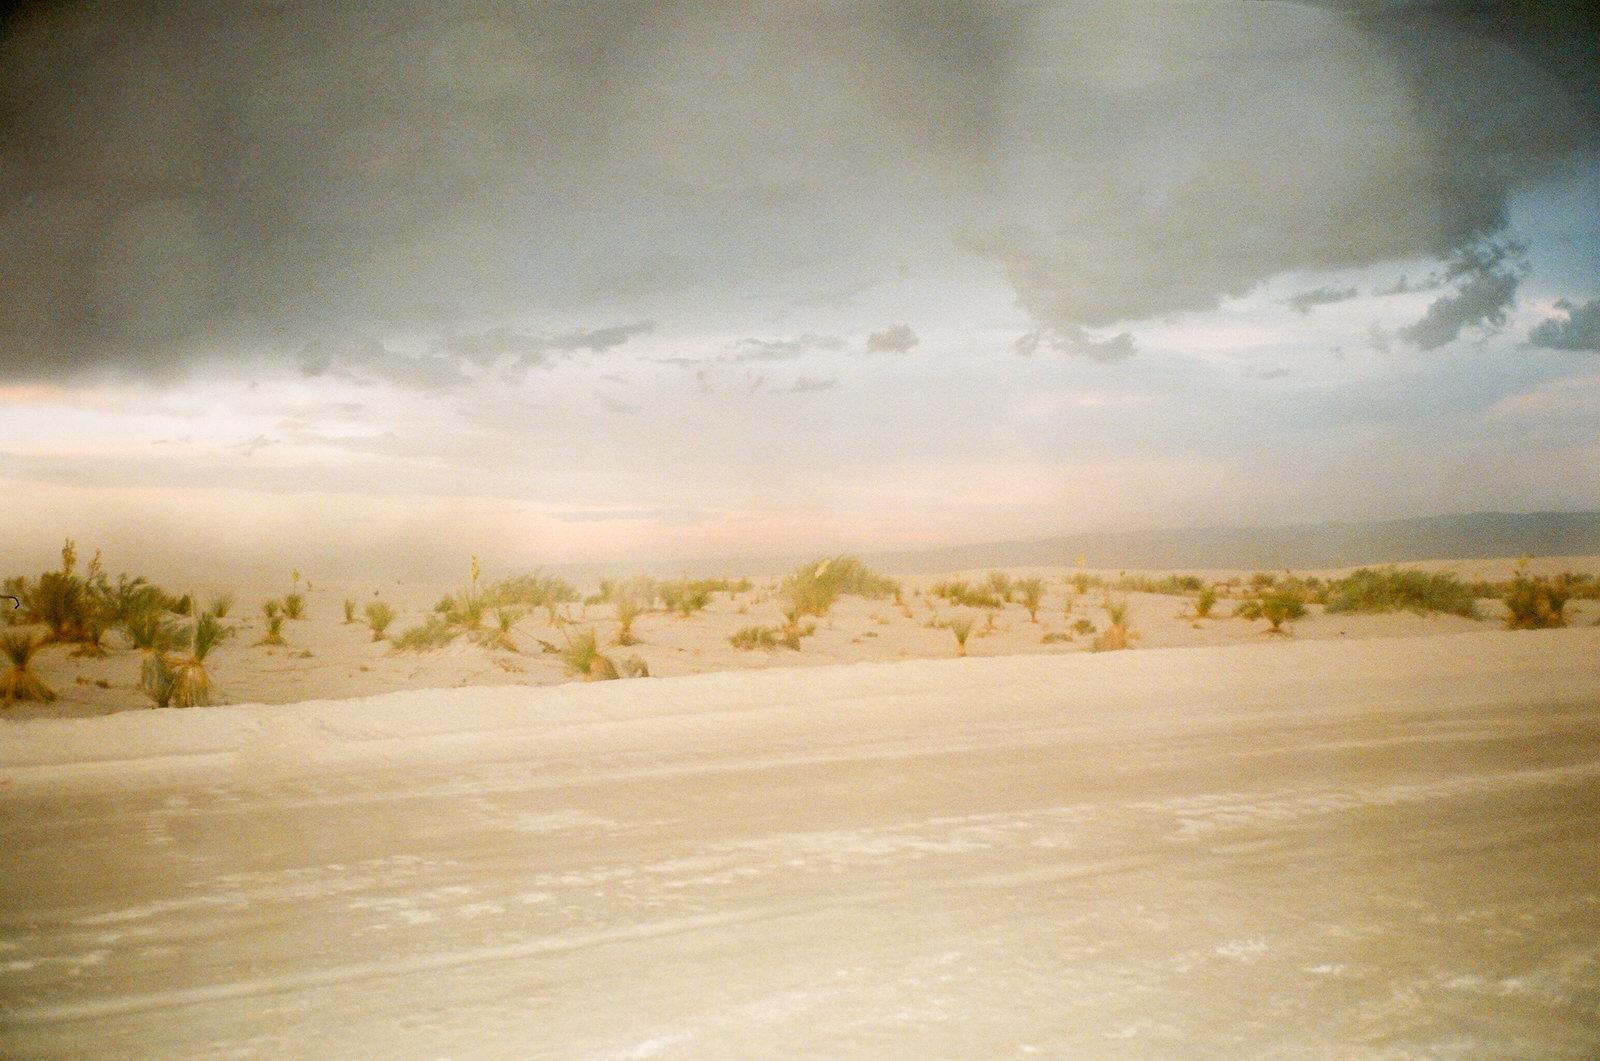 white-sands-portraits-1001.jpg